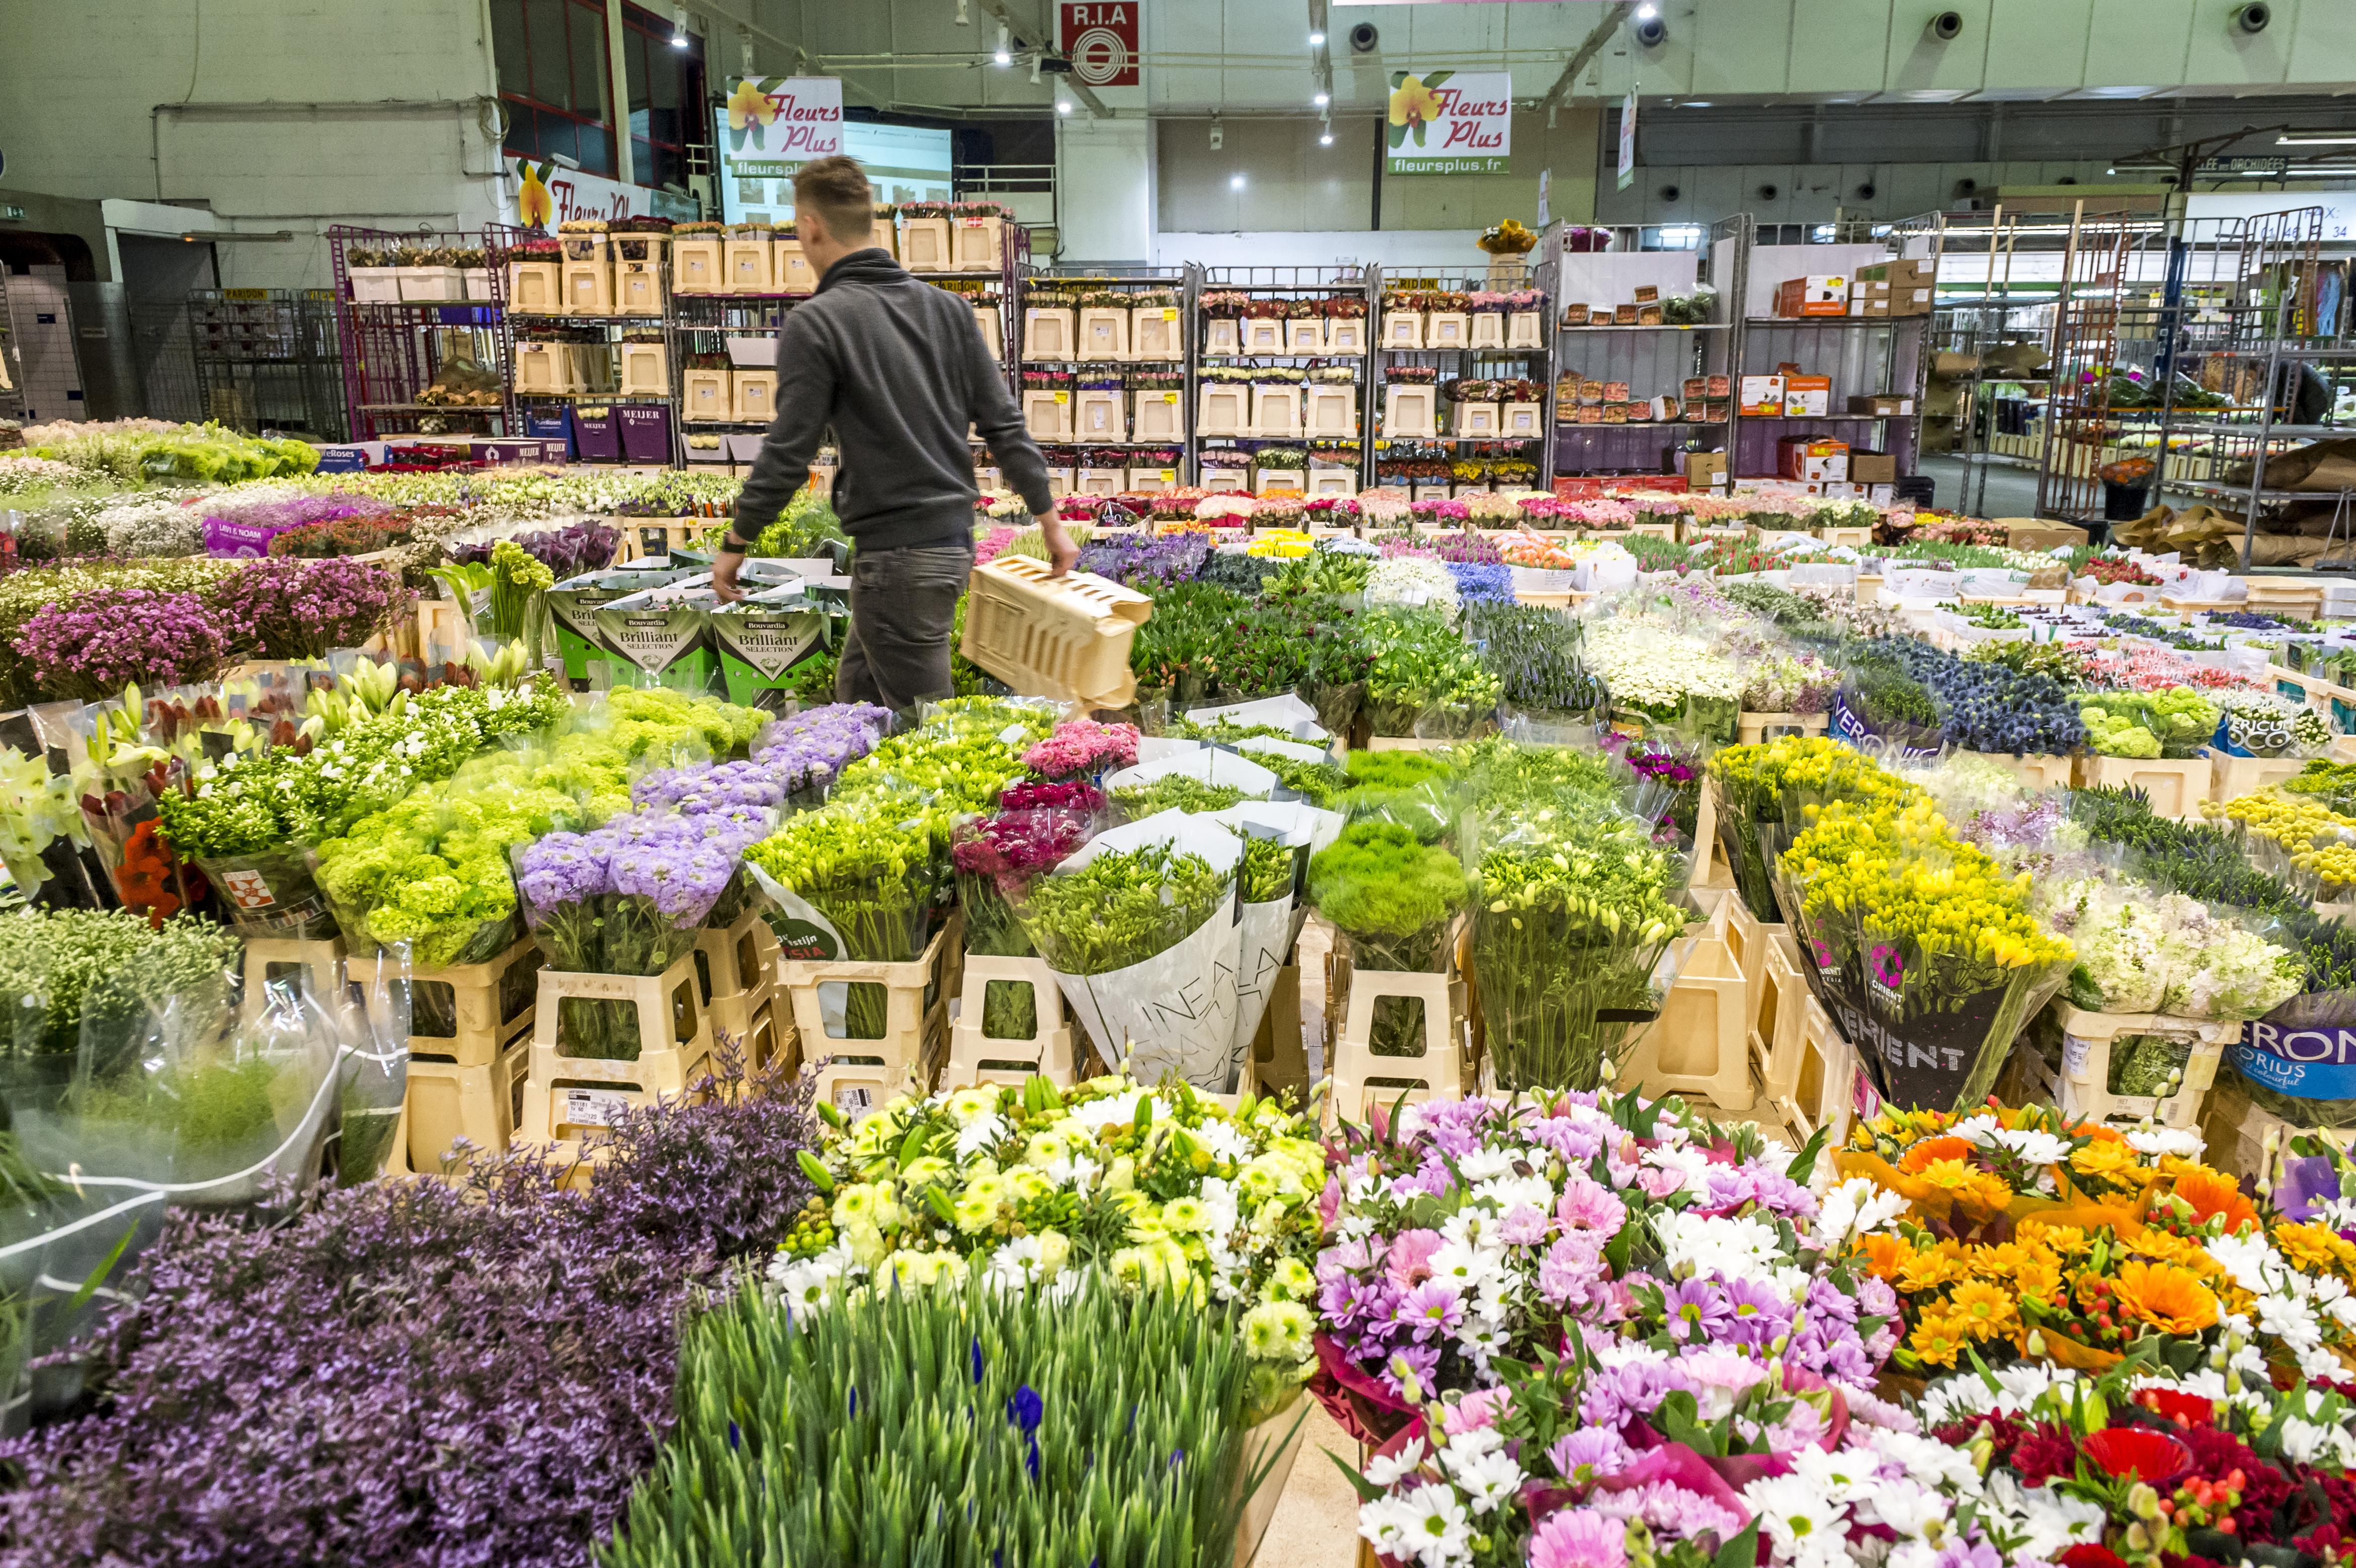 Rungis%252C marché international%252C secteur fleurs%252C pavillon C1%252C fleurs coupees Semmaris